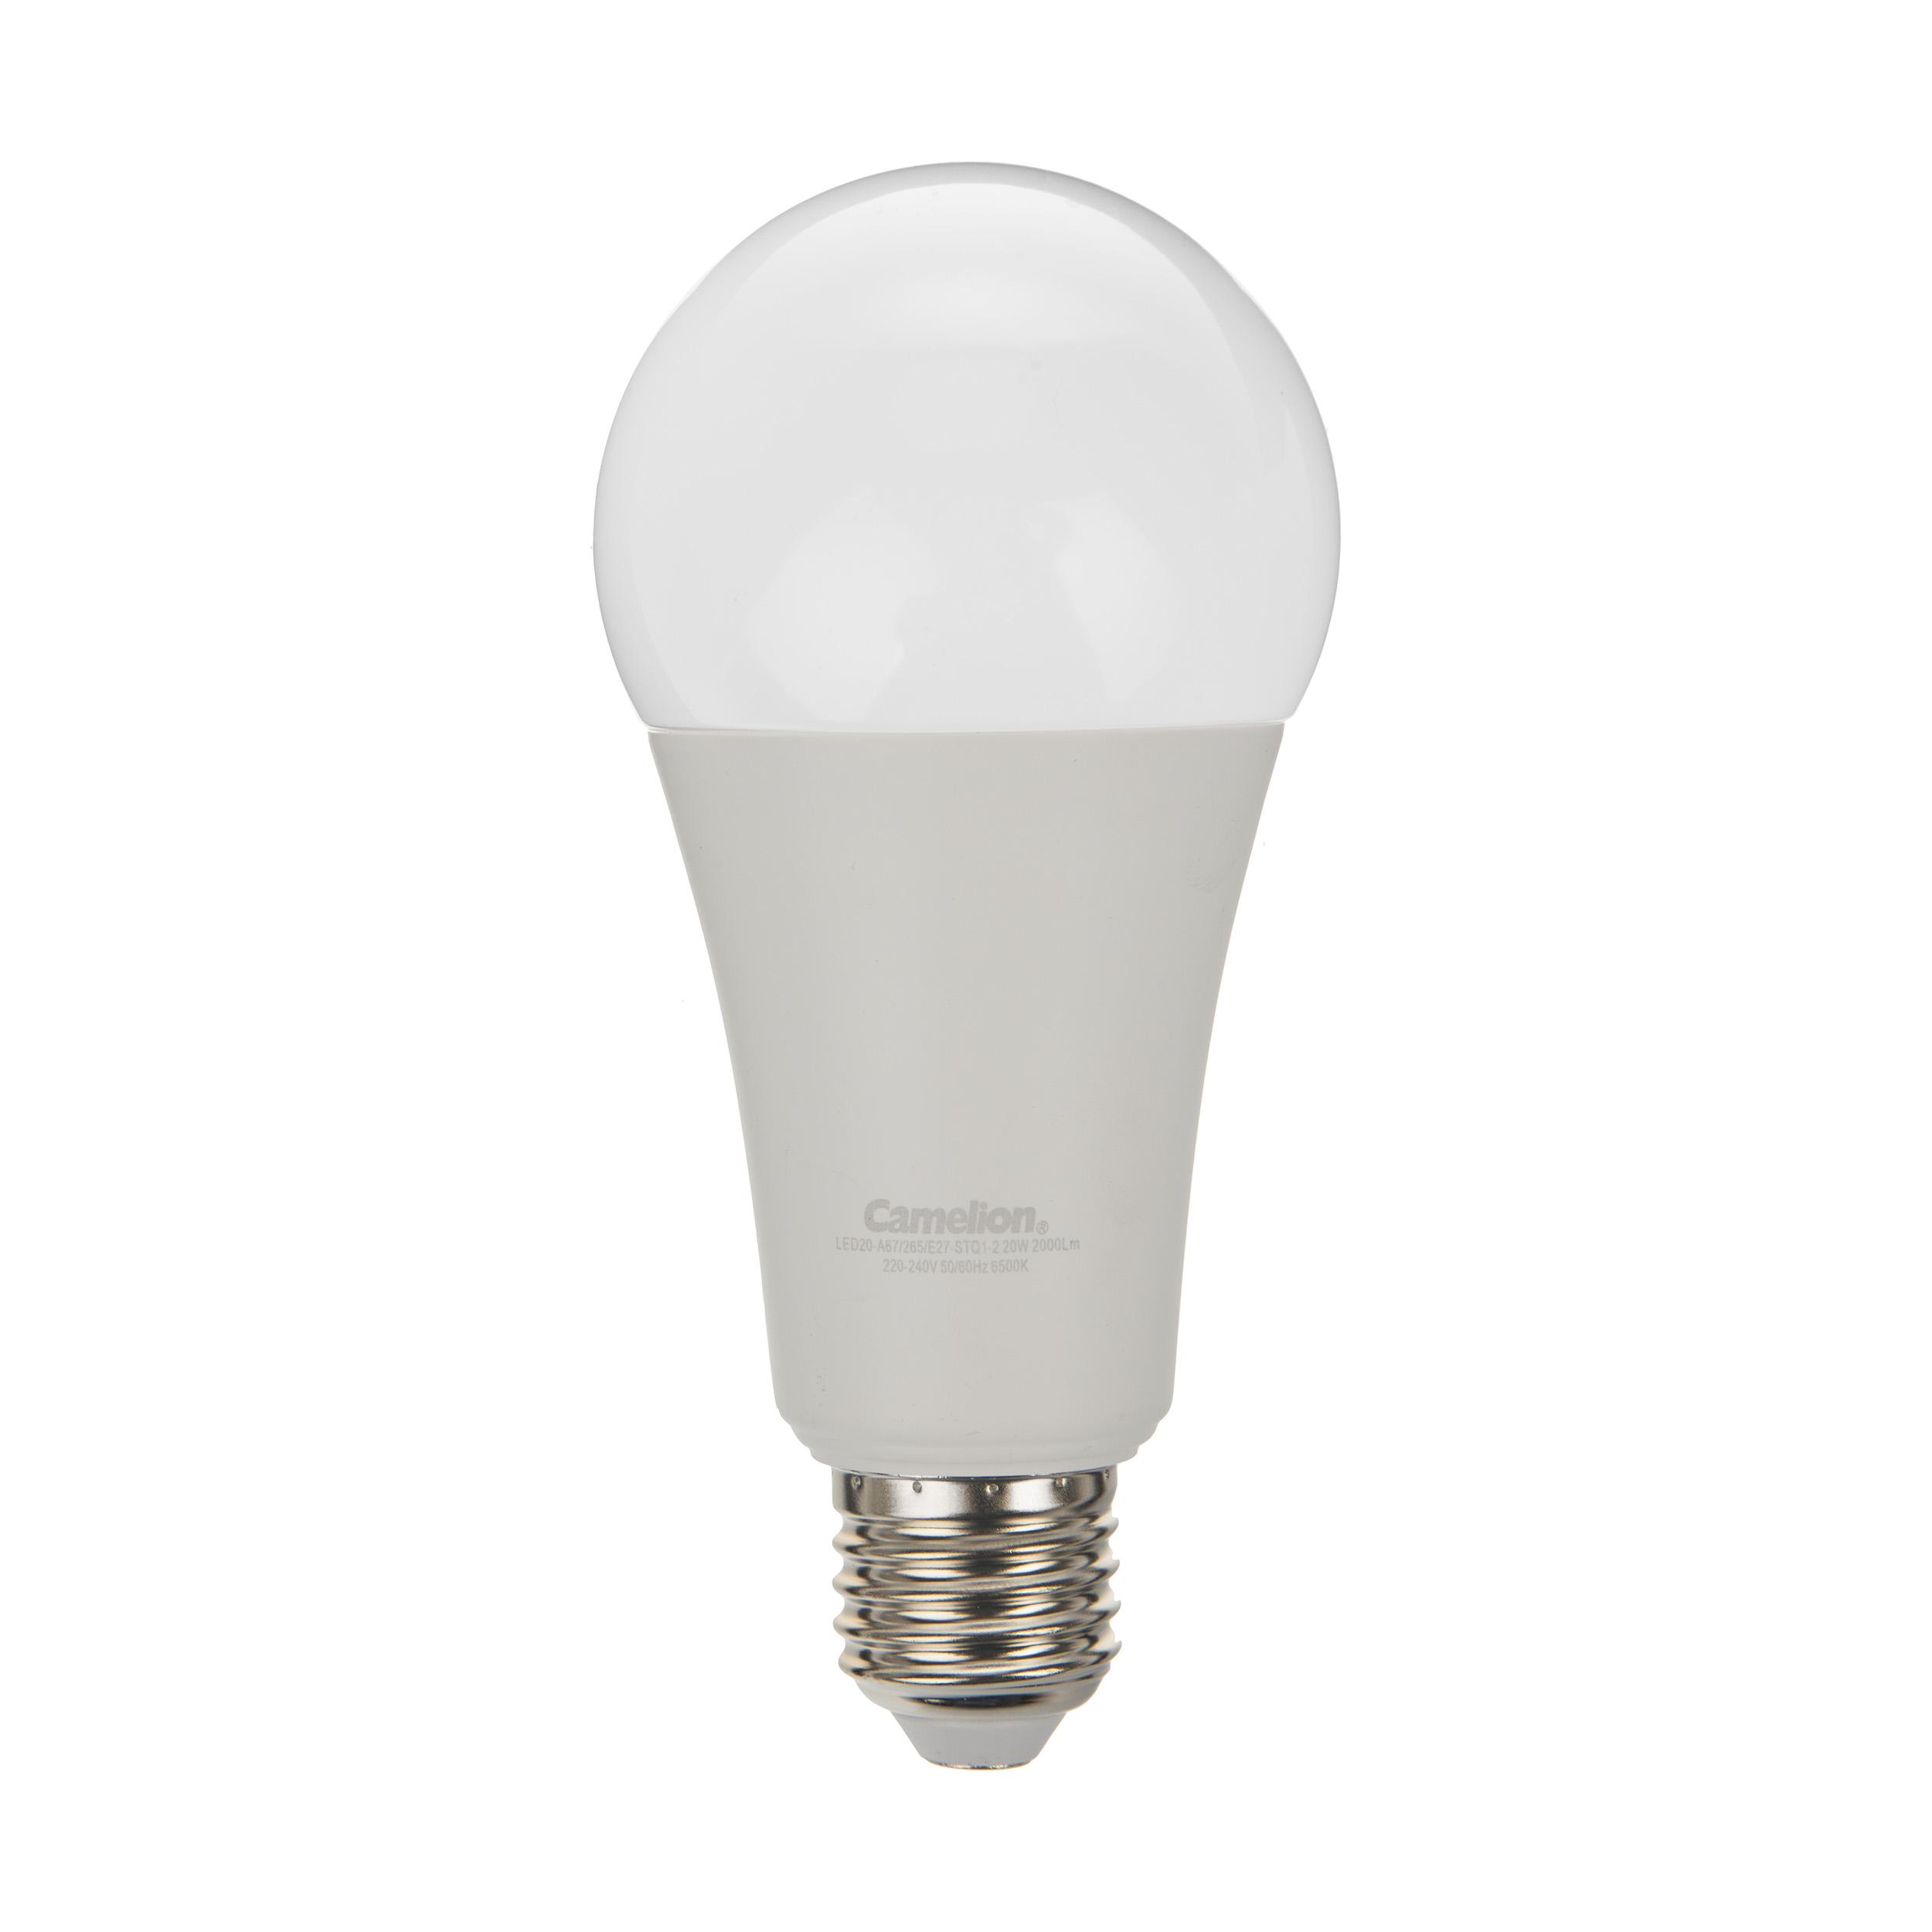 لامپ ال ای دی 20 وات کملیون مدل STQ1-2 پایه E27